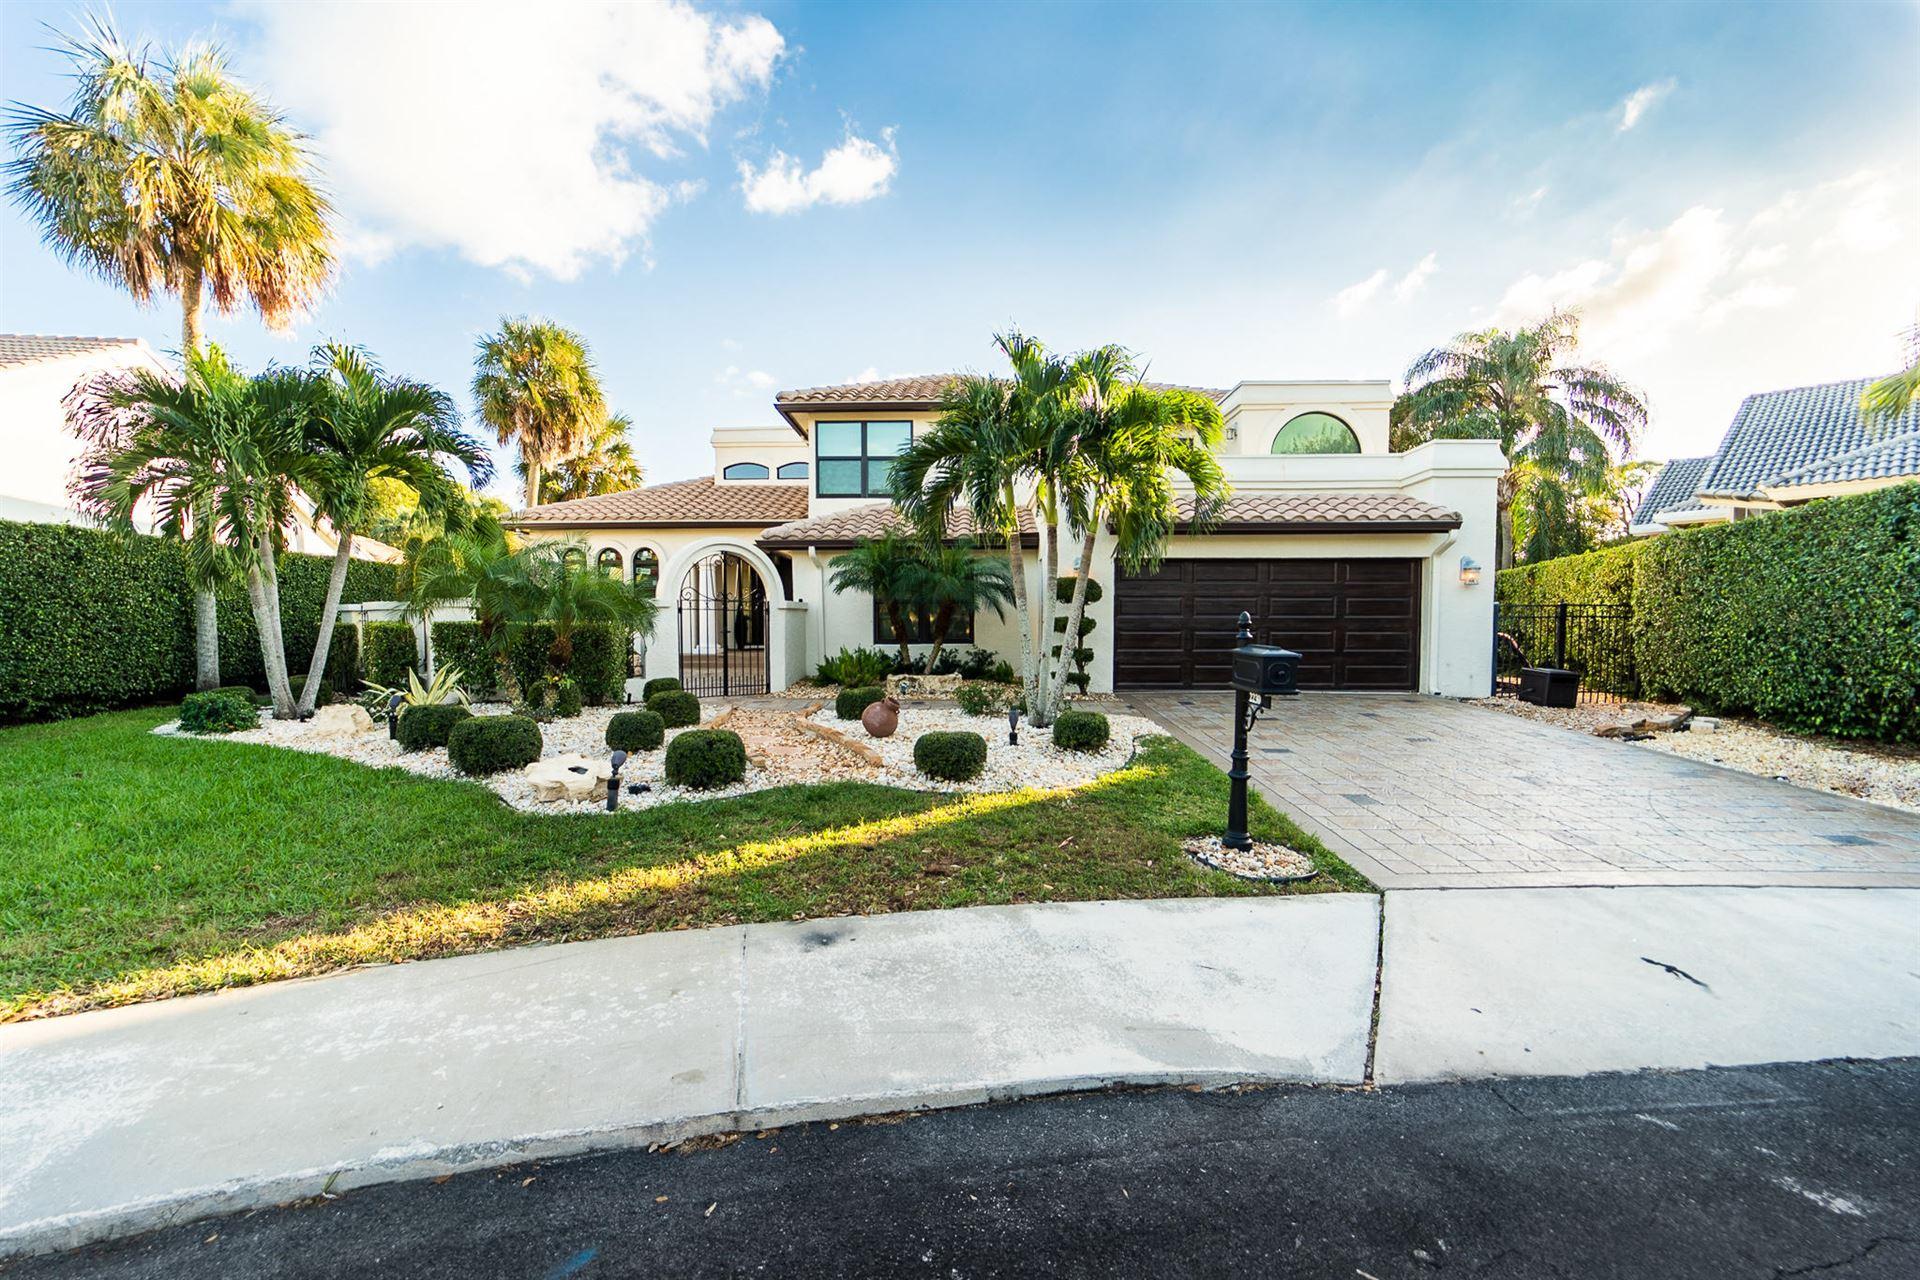 2230 SW 16th Place, Boca Raton, FL 33486 - #: RX-10673963